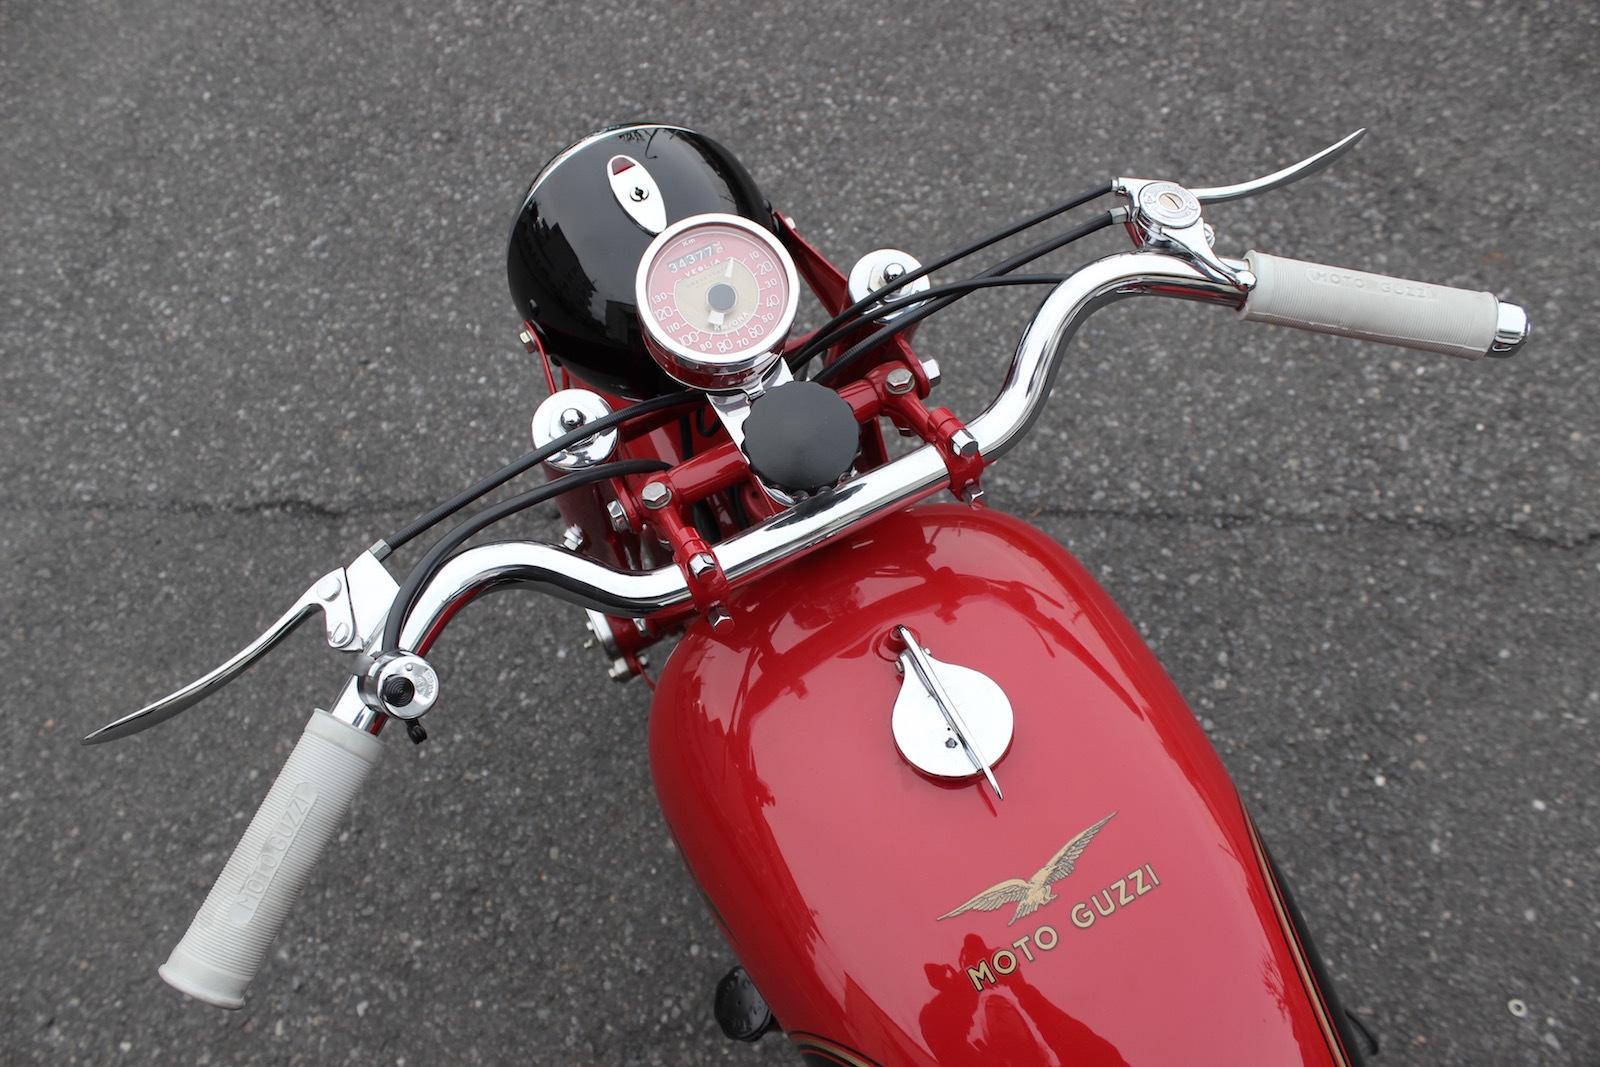 Moto Guzzi Airone Turismo 入荷。_a0208987_17581925.jpg